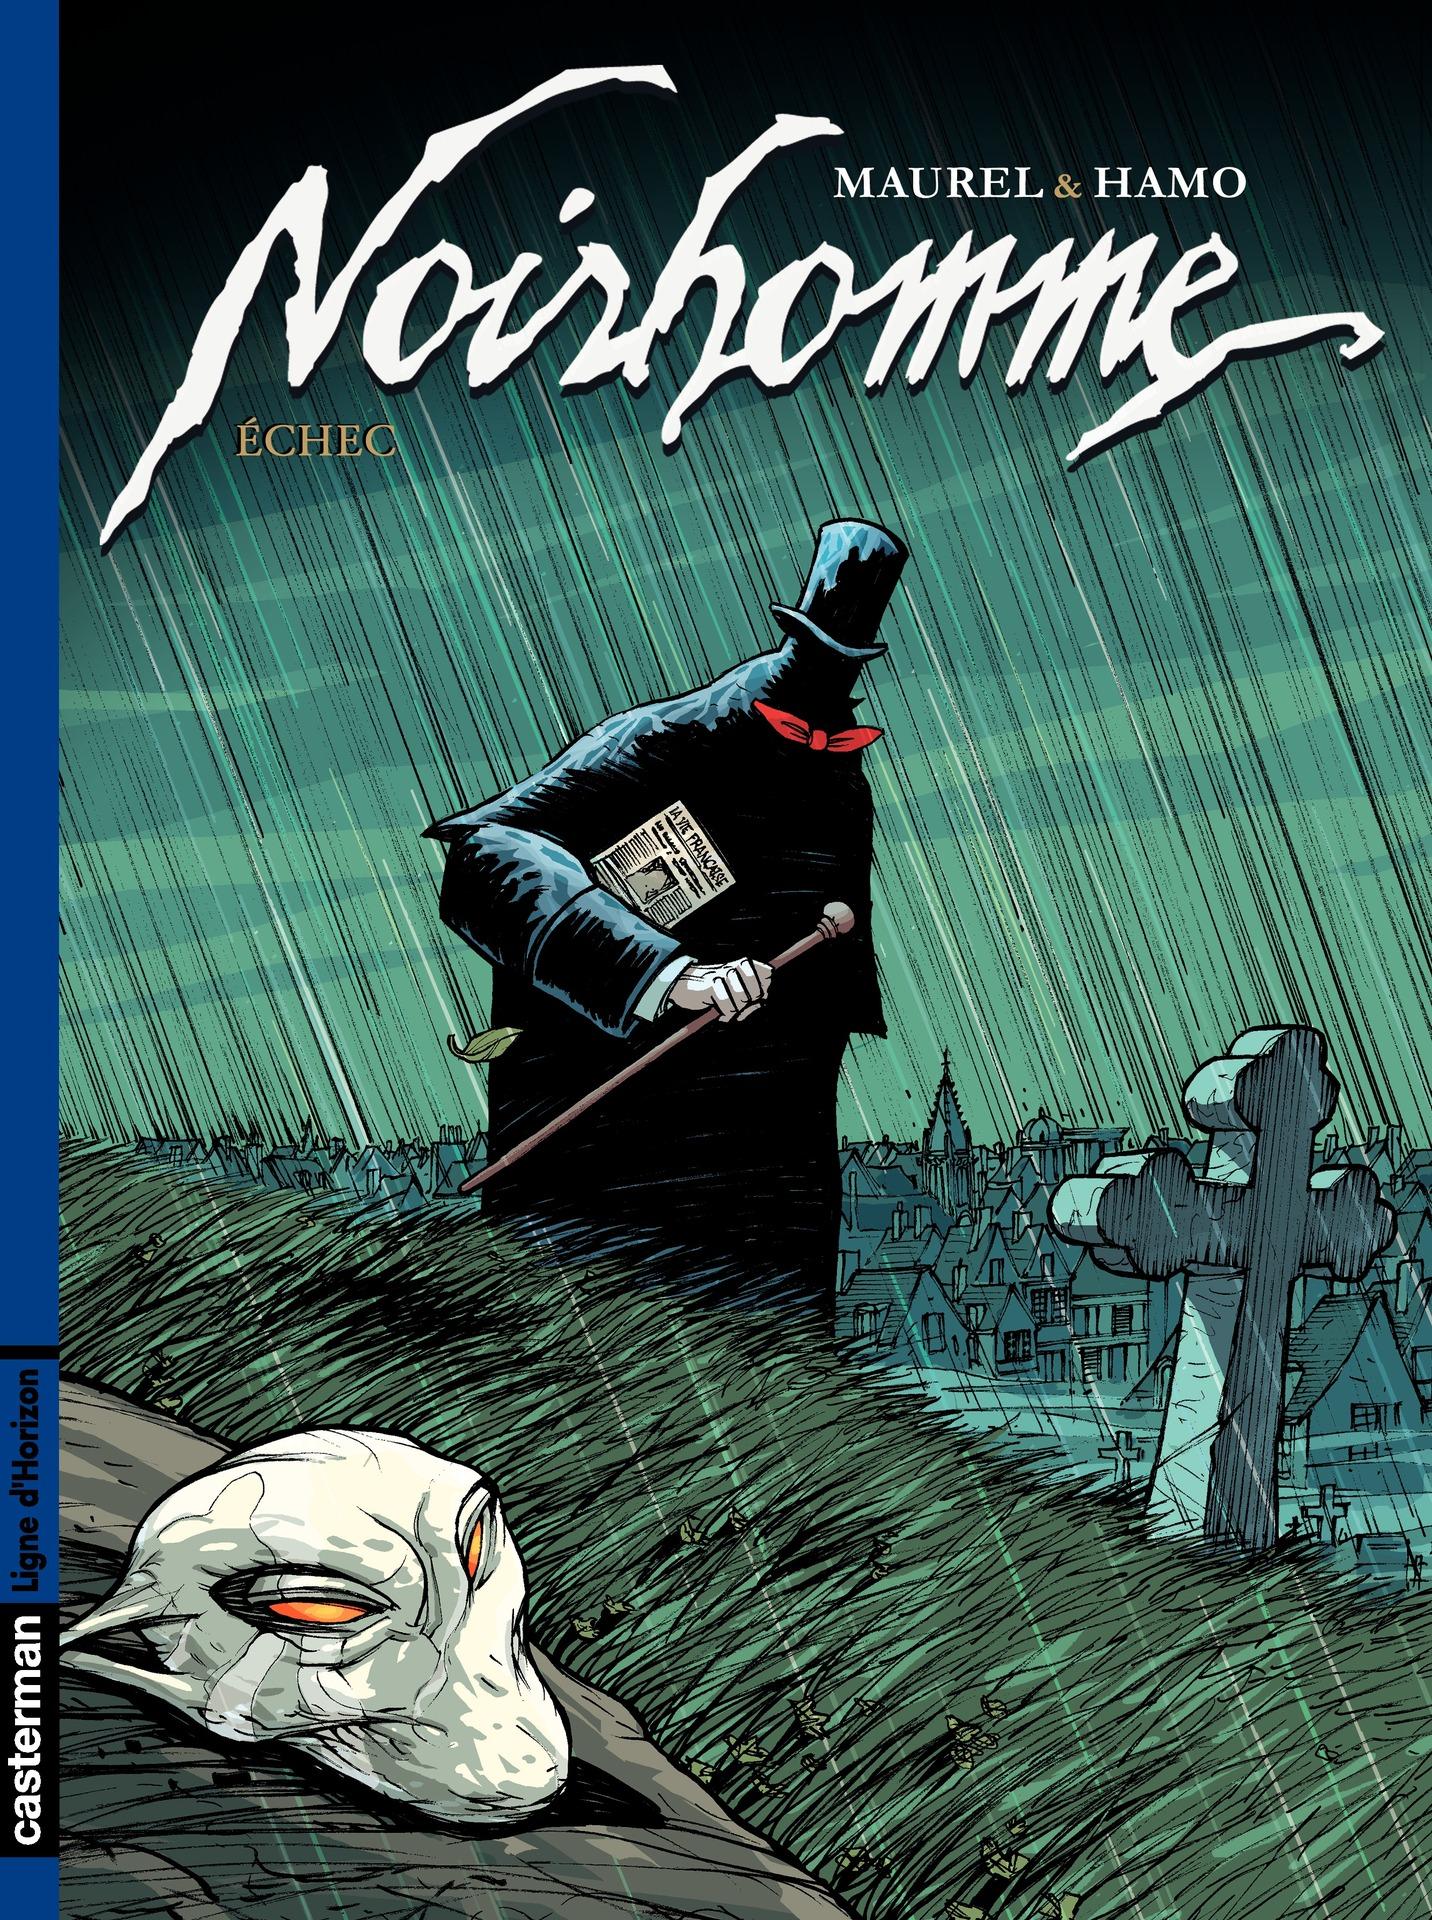 Noirhomme (Tome 3) - Échecs et mat